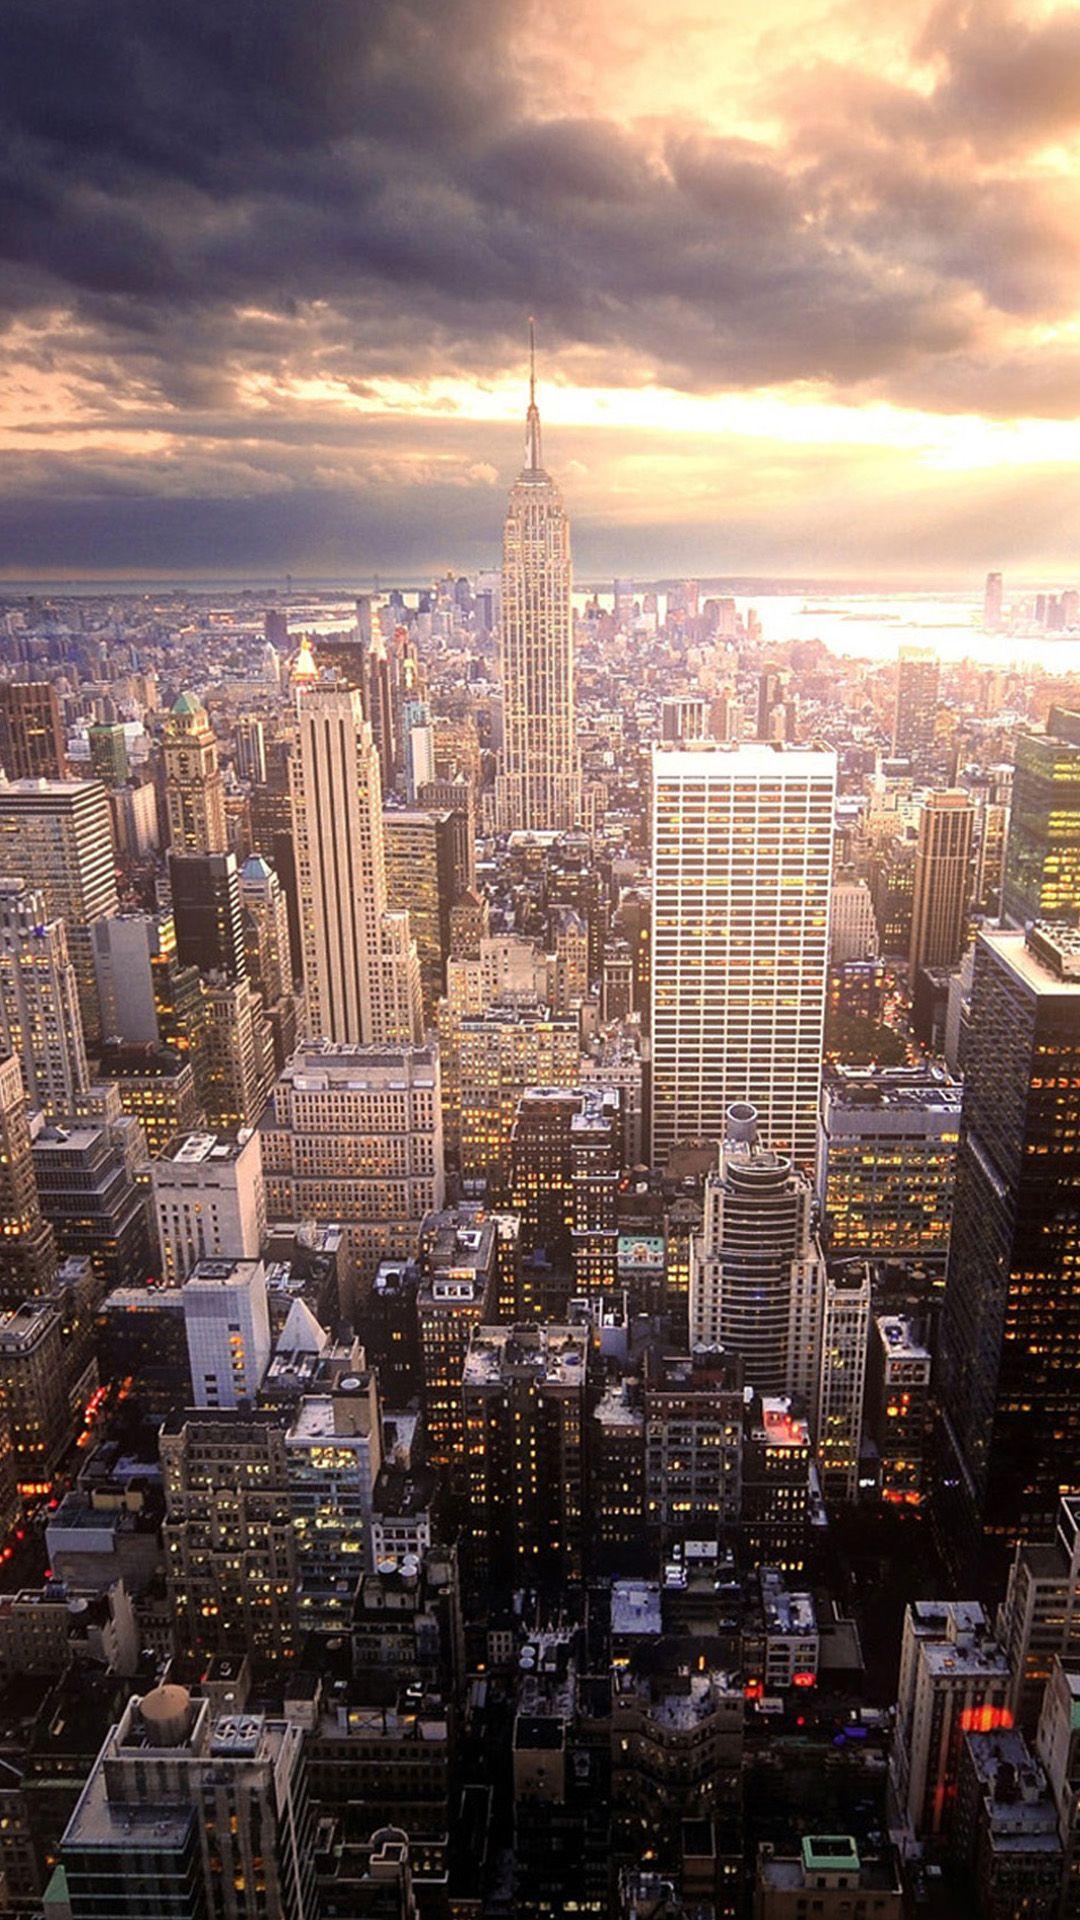 New York City Wallpaper Iphone Красивые места, Обои для